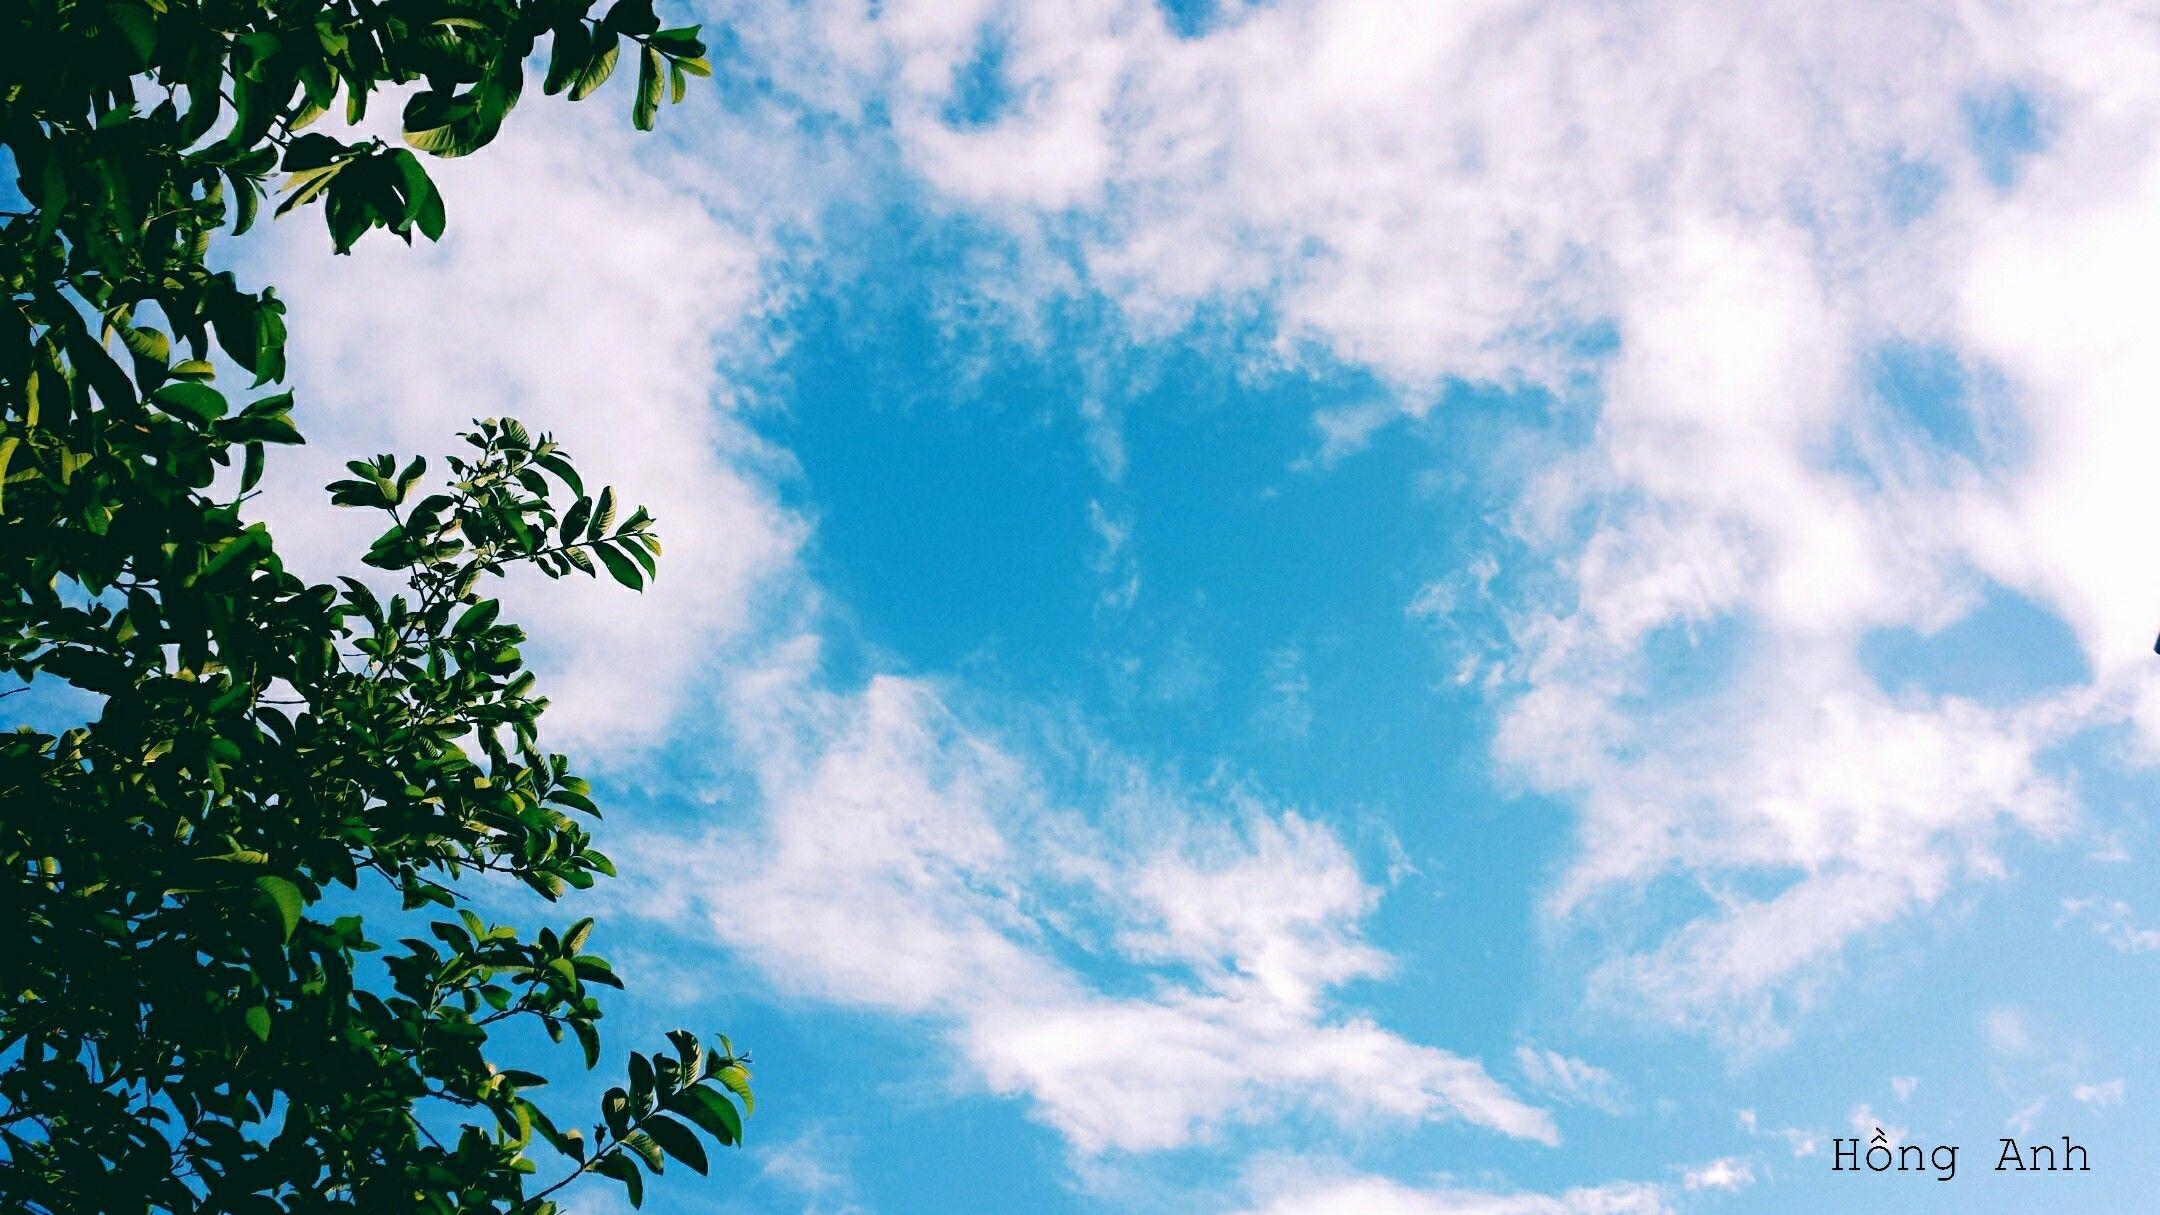 Ảnh bầu trời xanh rất đẹp với tán cây